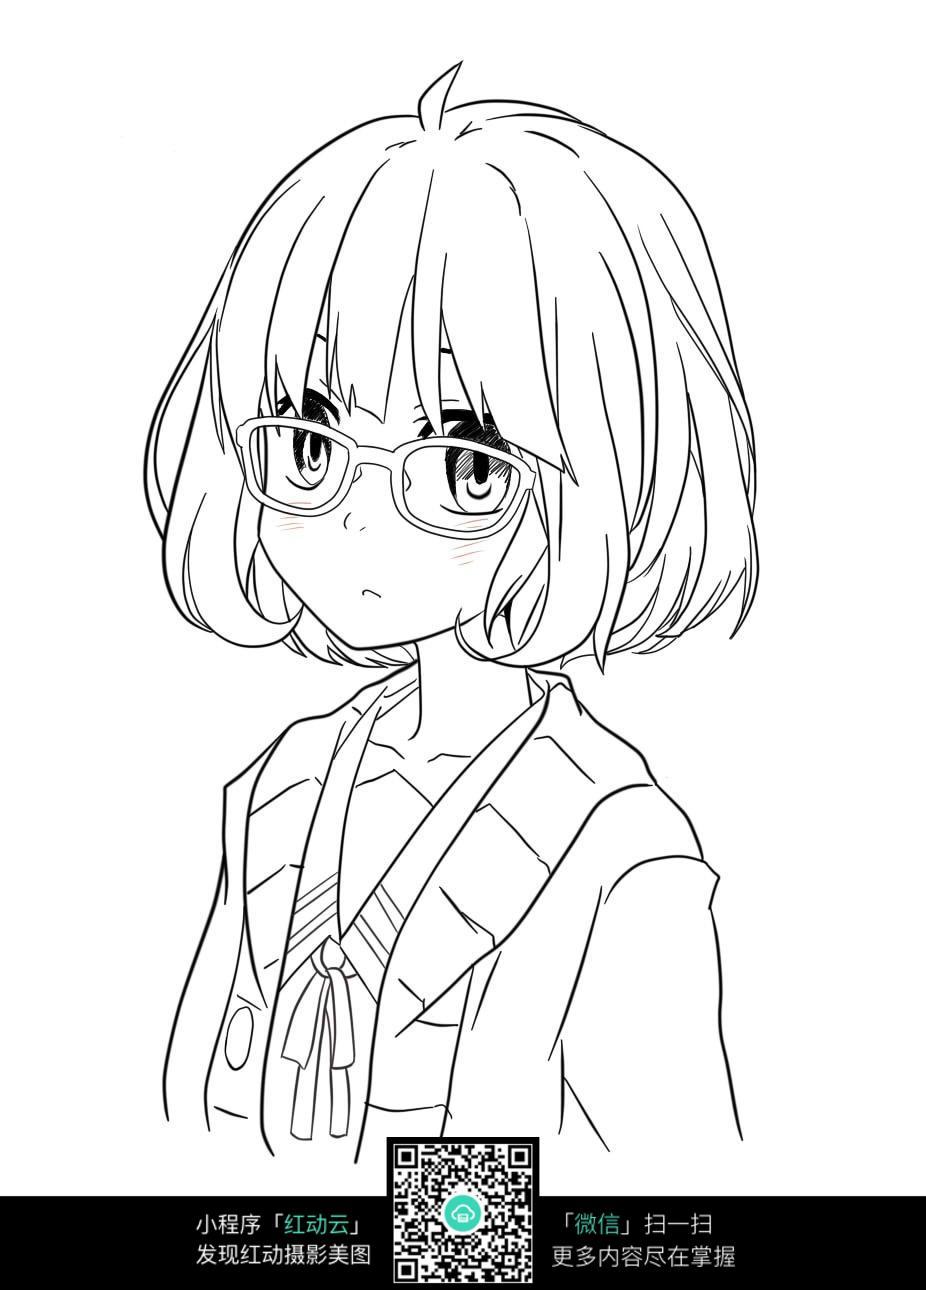 戴眼镜短发女孩